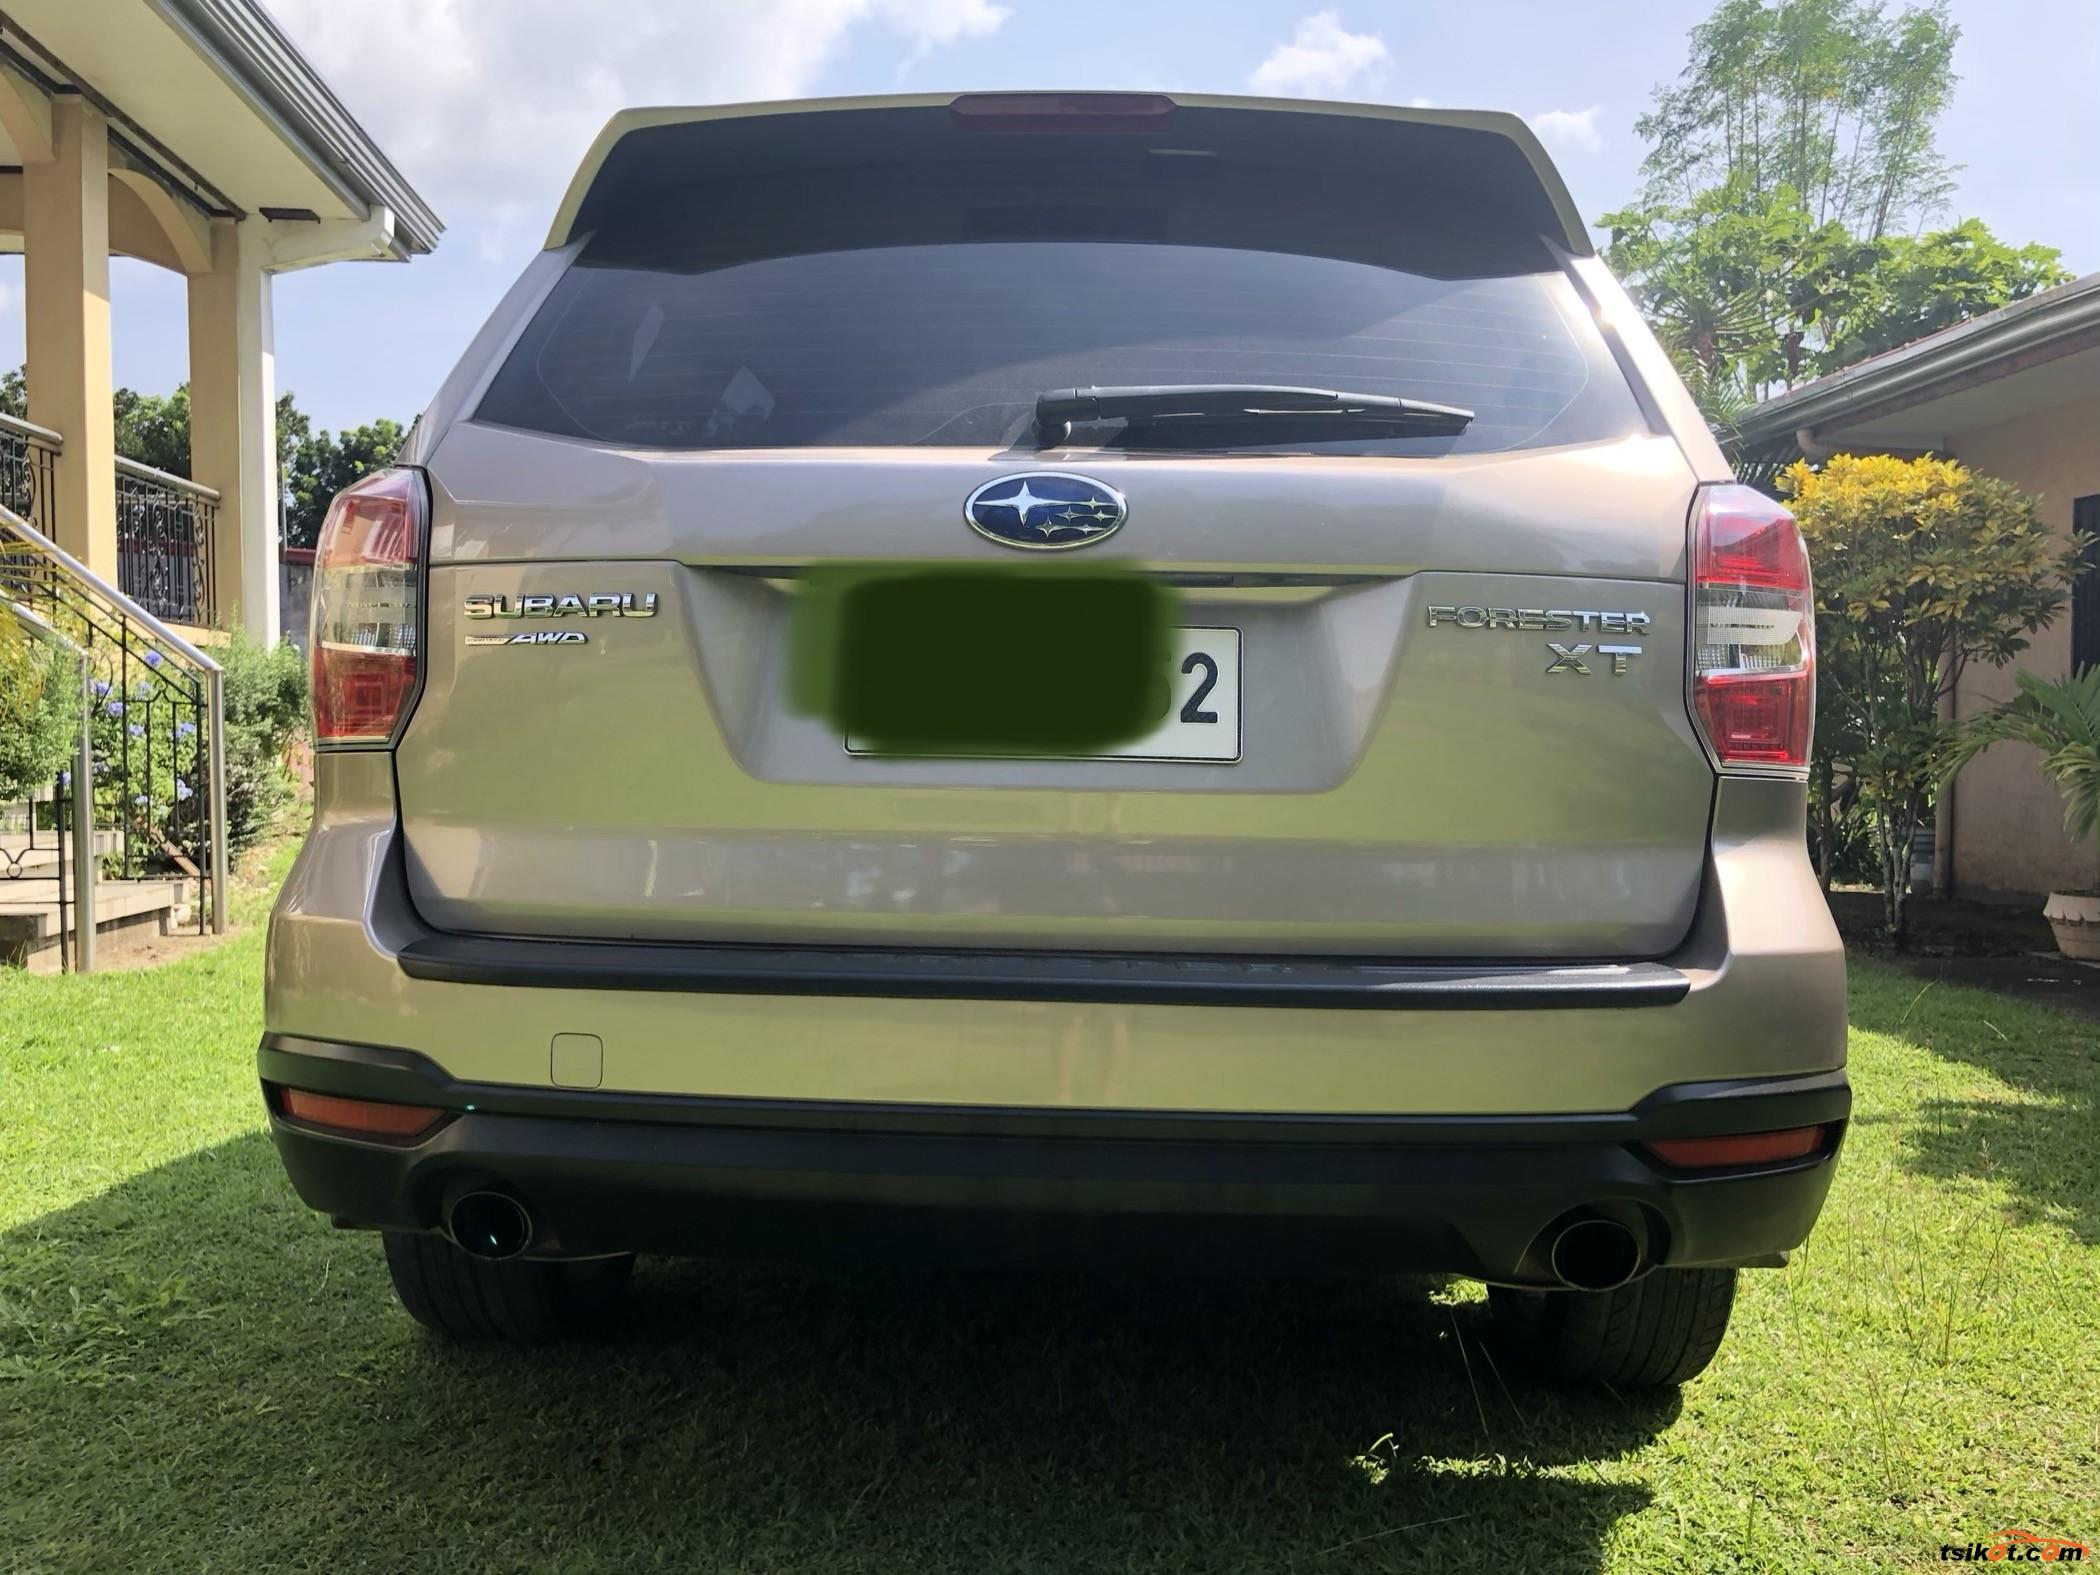 Subaru Xt 2015 - 4